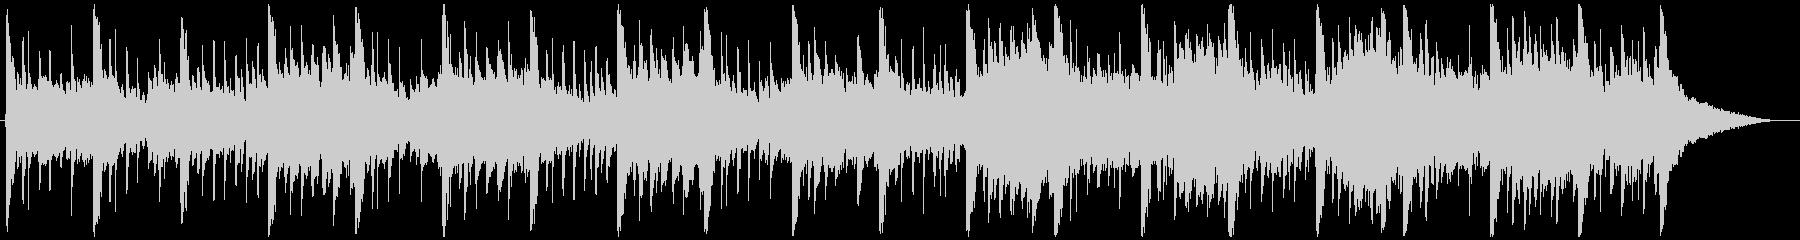 現代的 交響曲 プログレッシブ バ...の未再生の波形